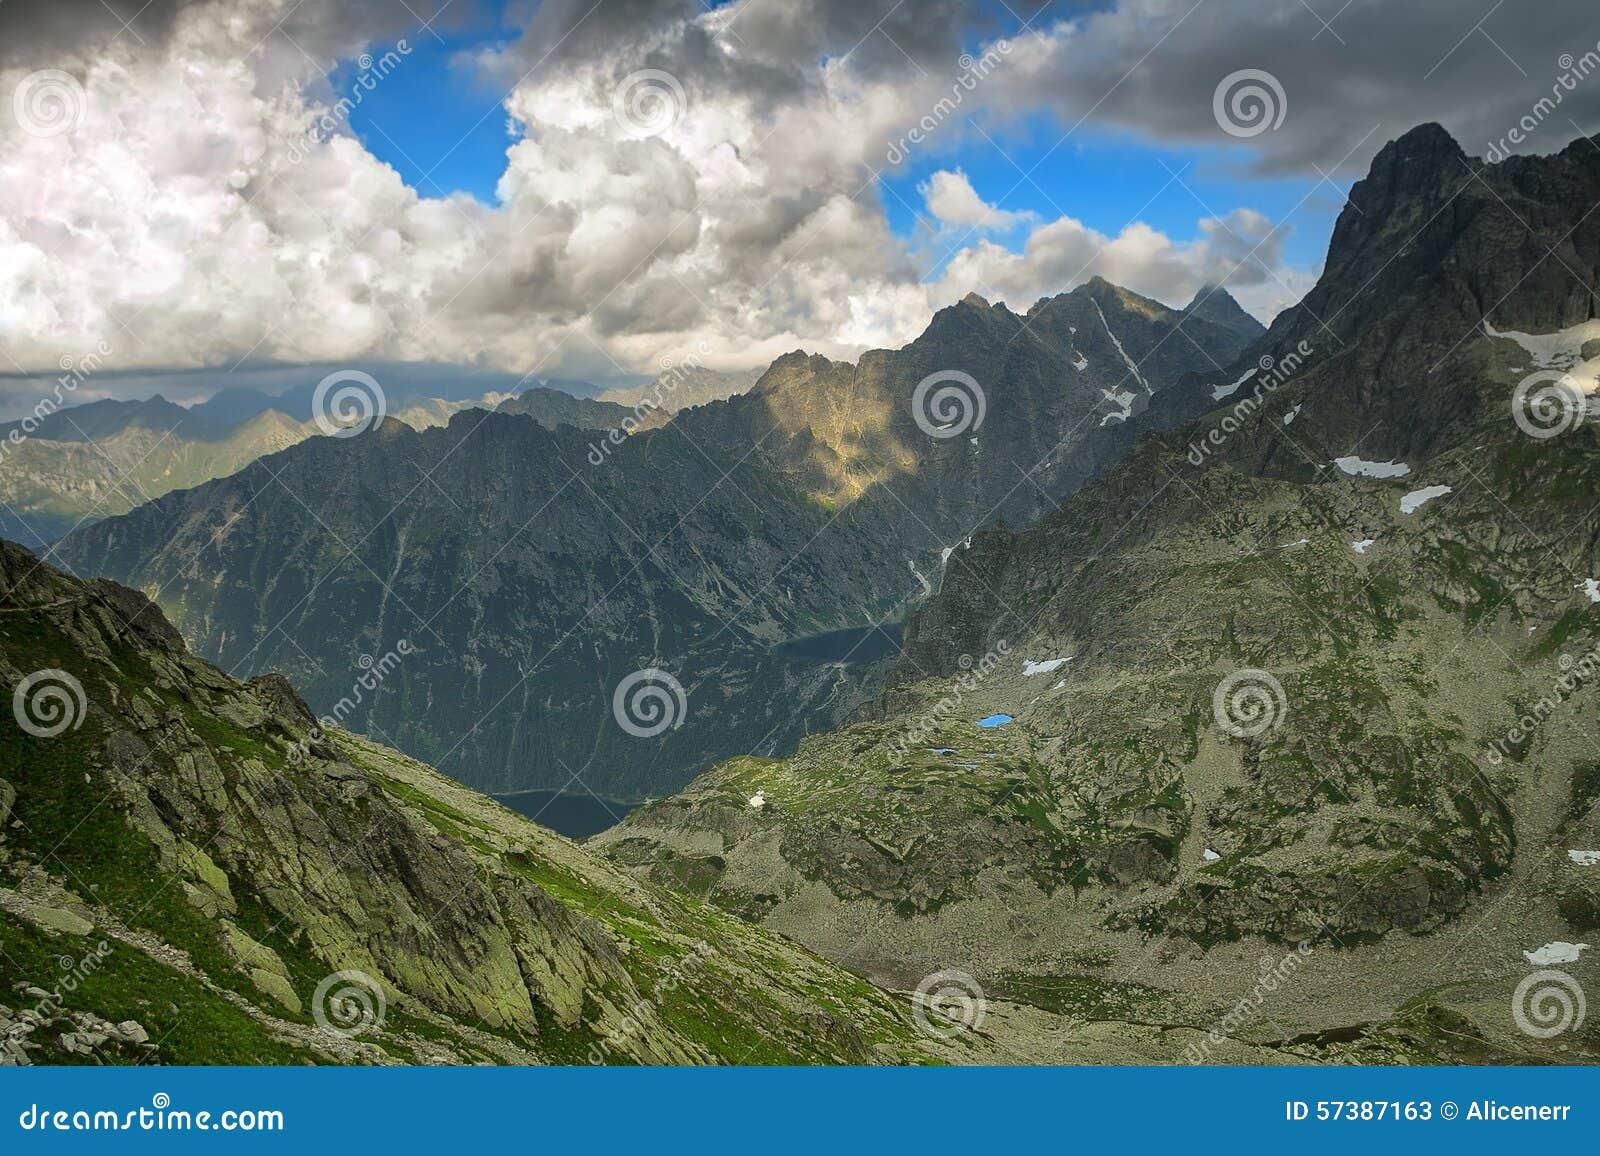 Twee meren verborgen hoogte in berg binnen - tussen rotsachtige pieken